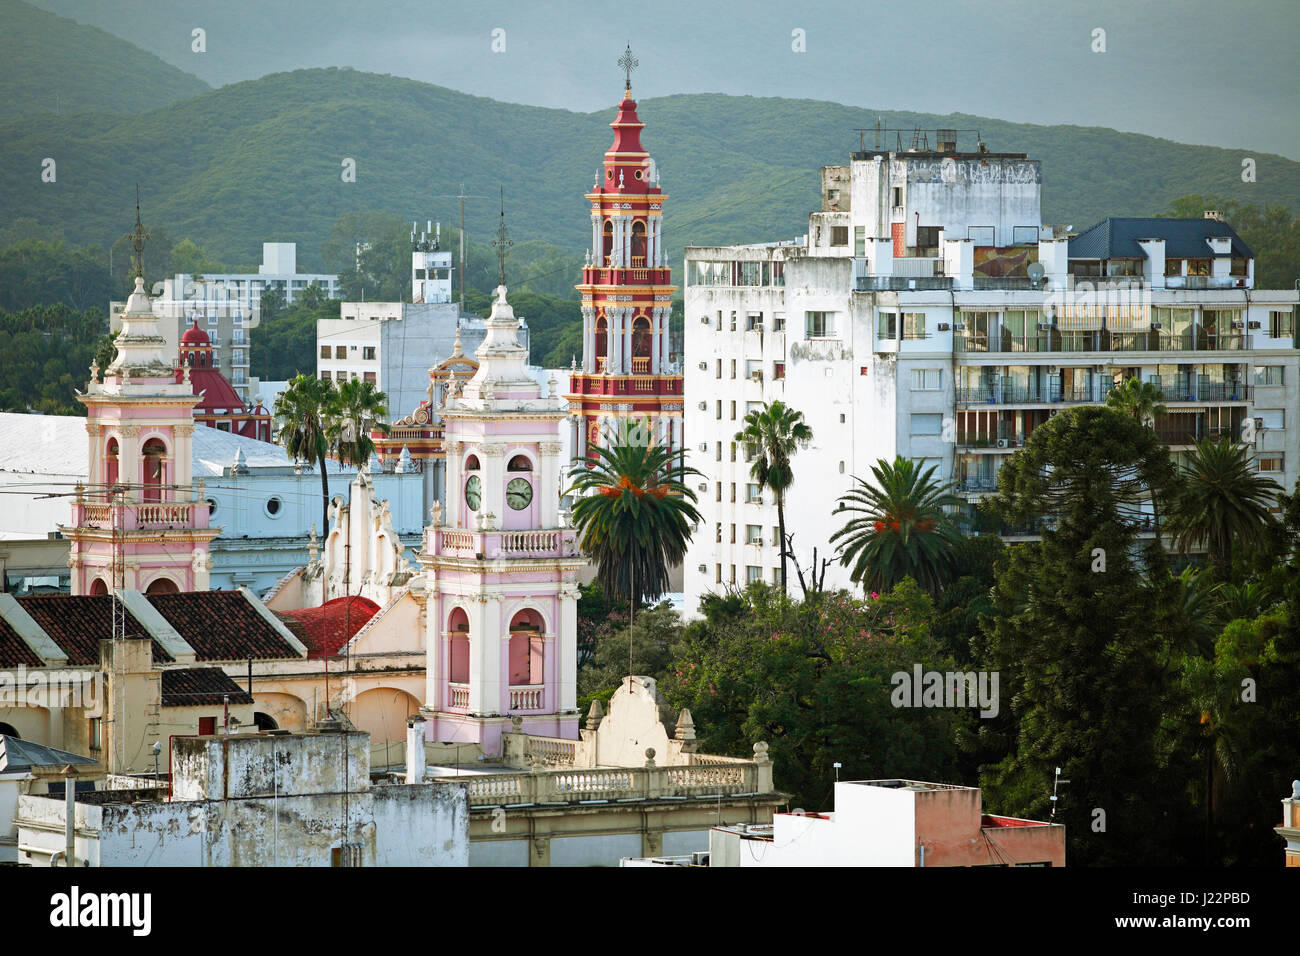 Vue urbaine avec cathédrale et église San Francisco, Salta, province de Salta, Argentine Photo Stock